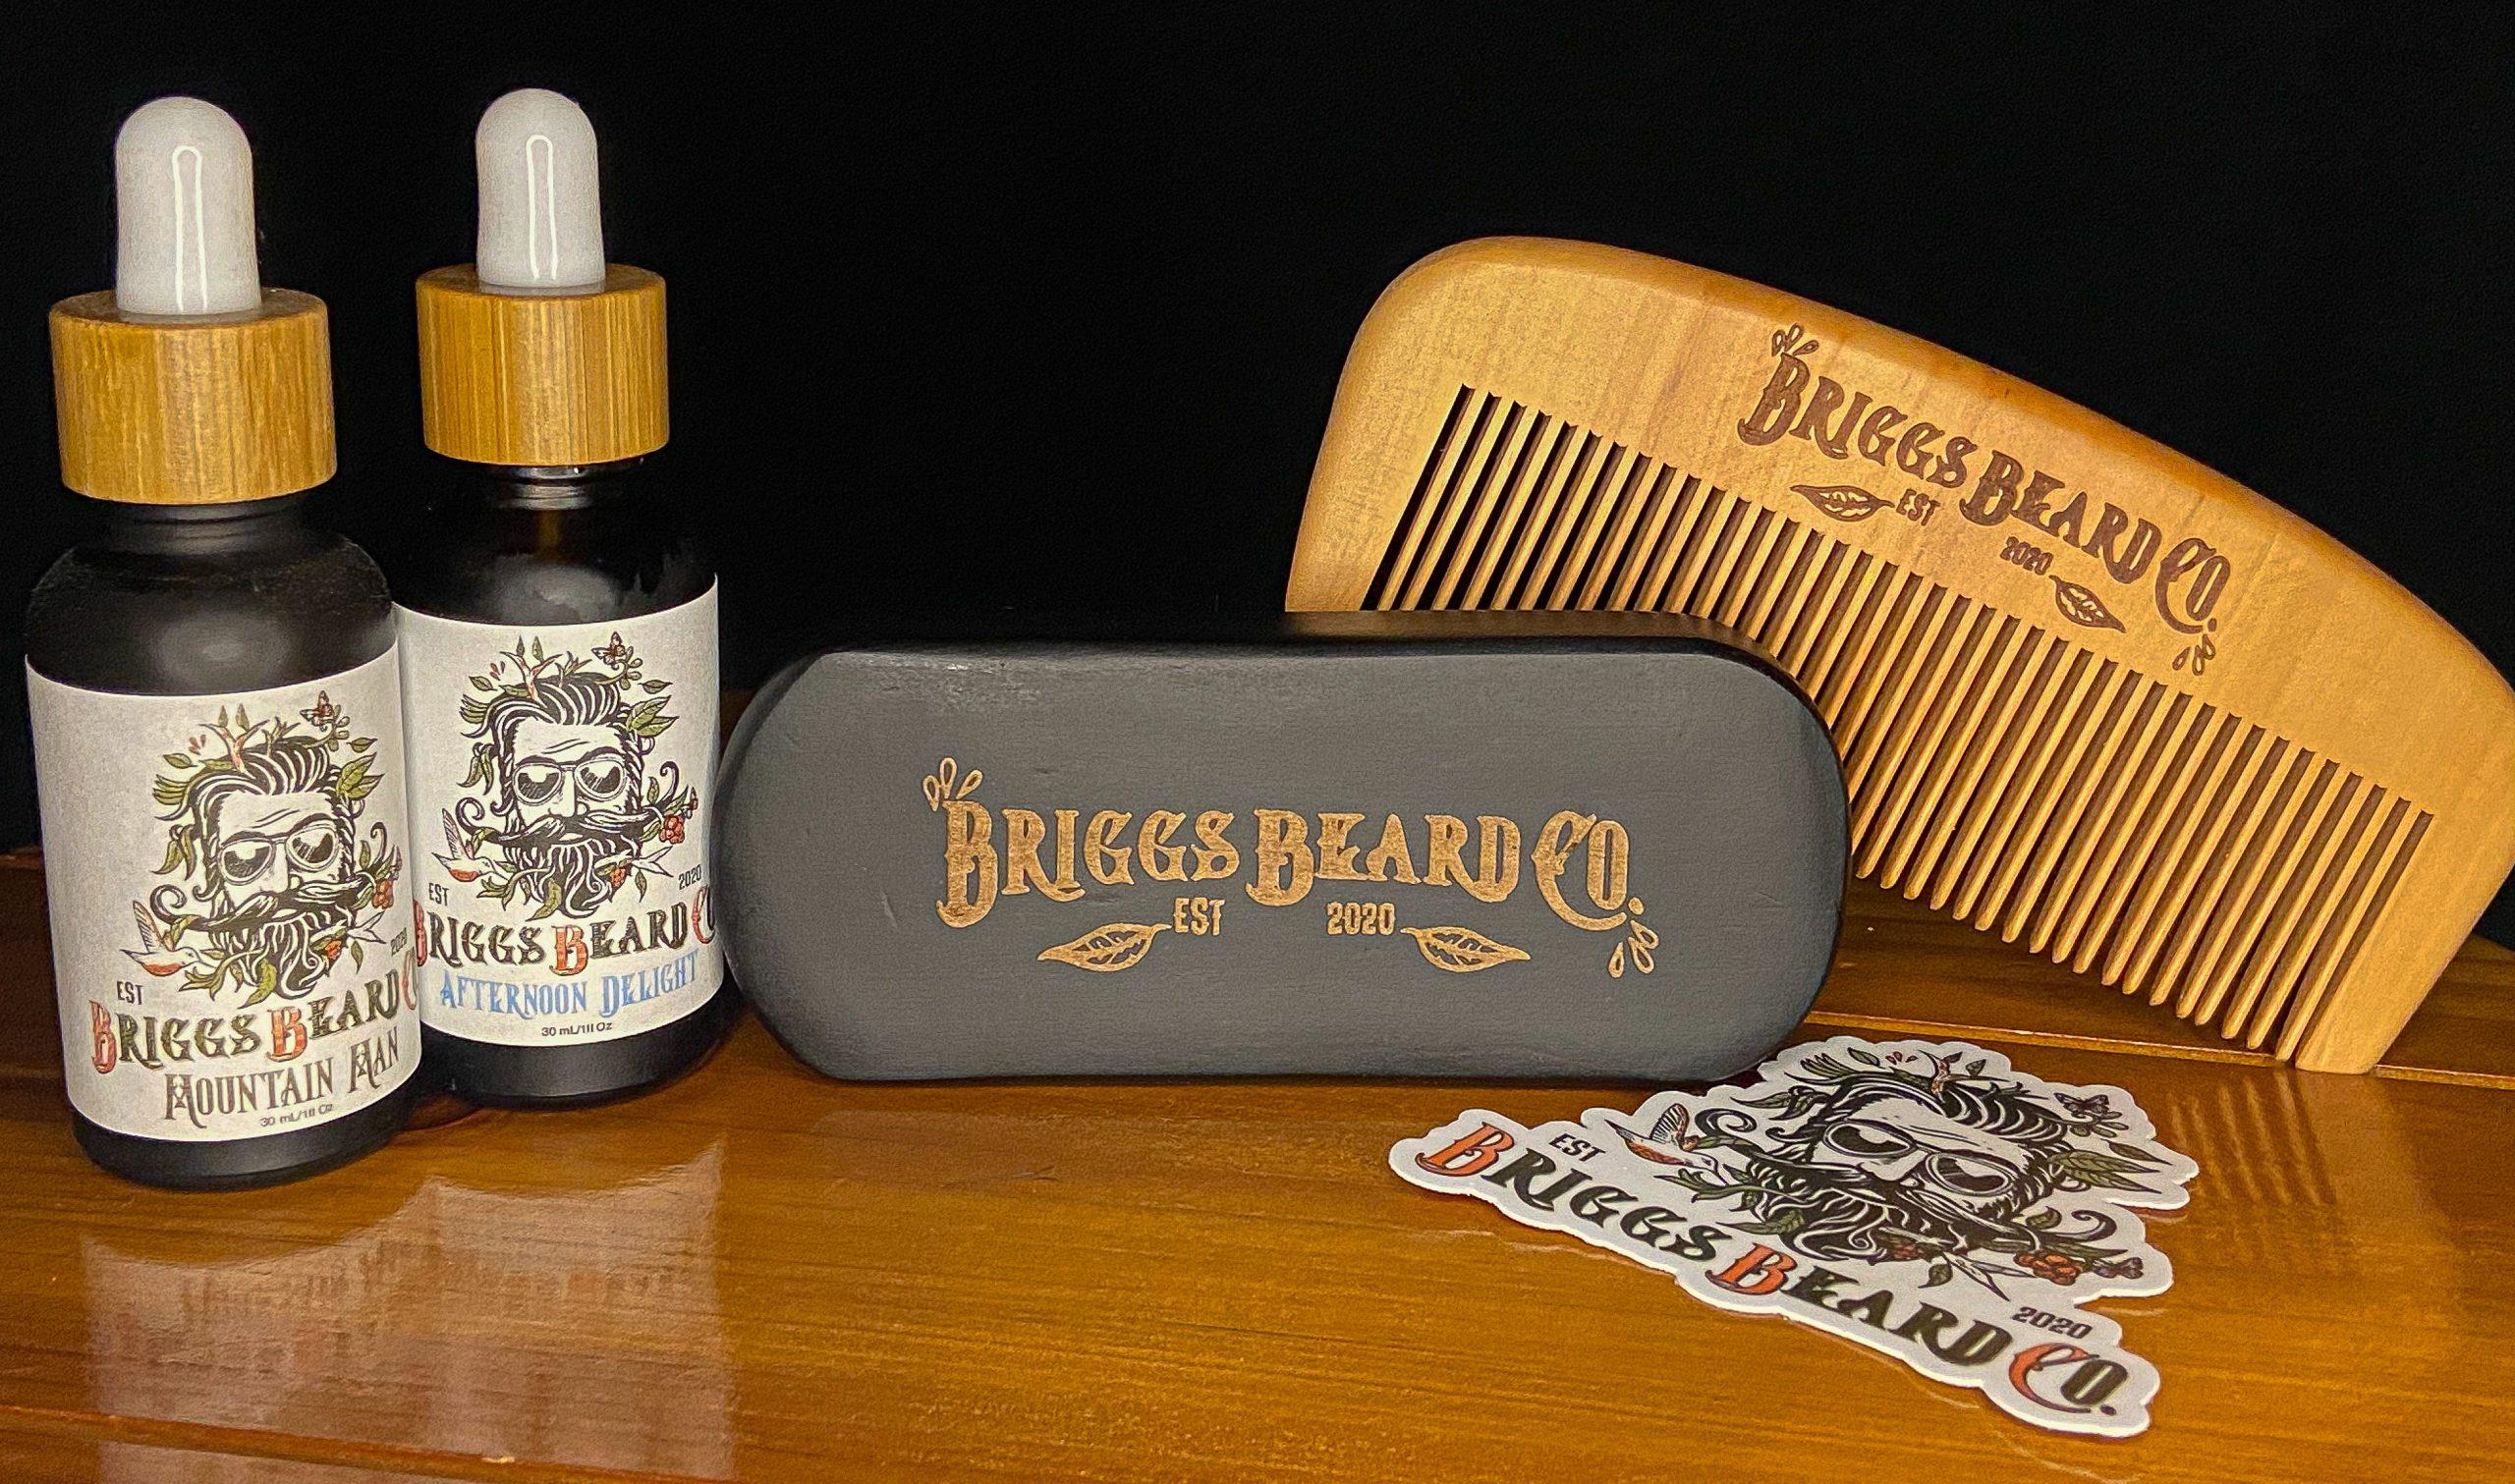 Briggs Beard Care Bundle